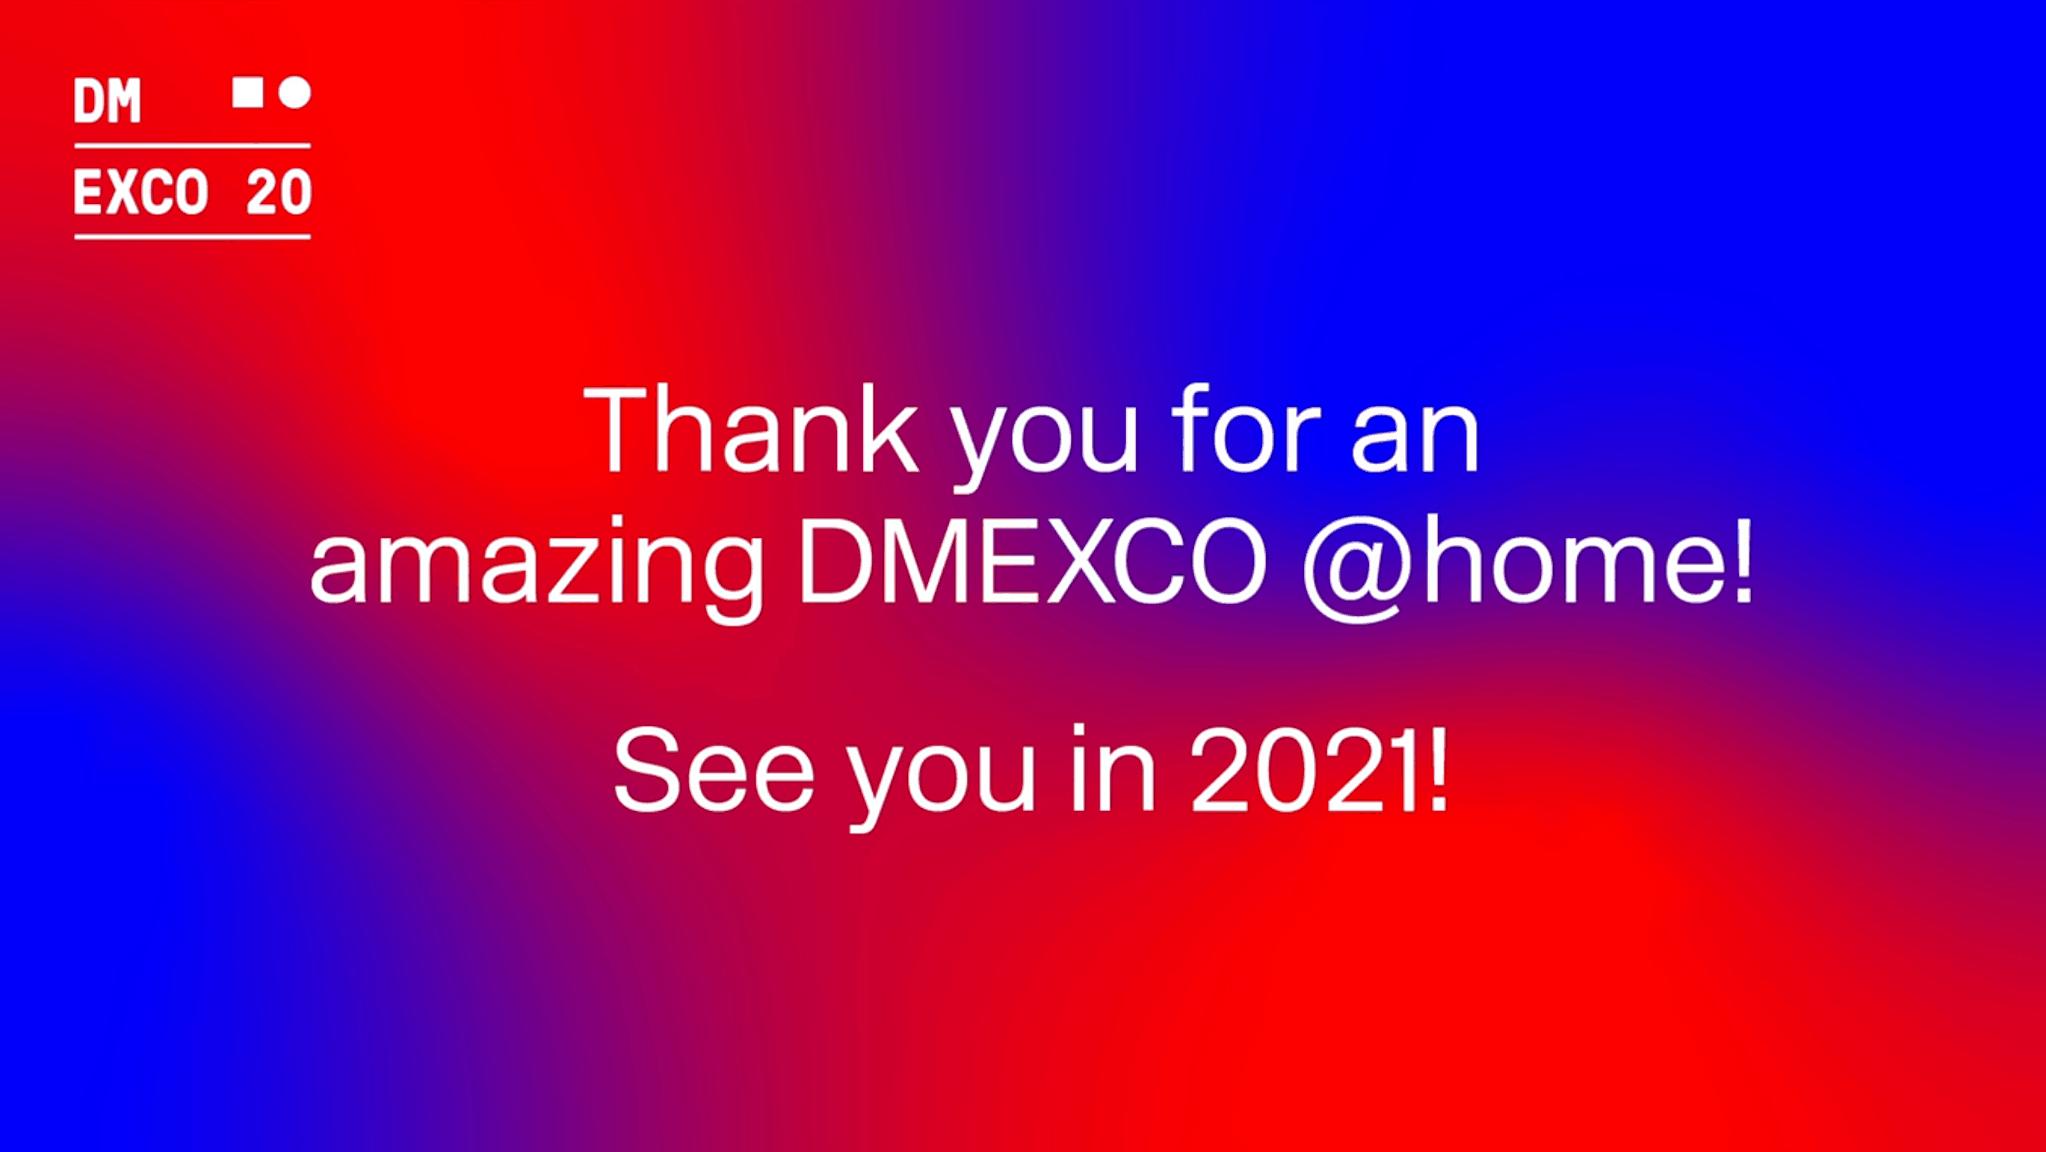 Das war die DMEXCO @home 2020 1